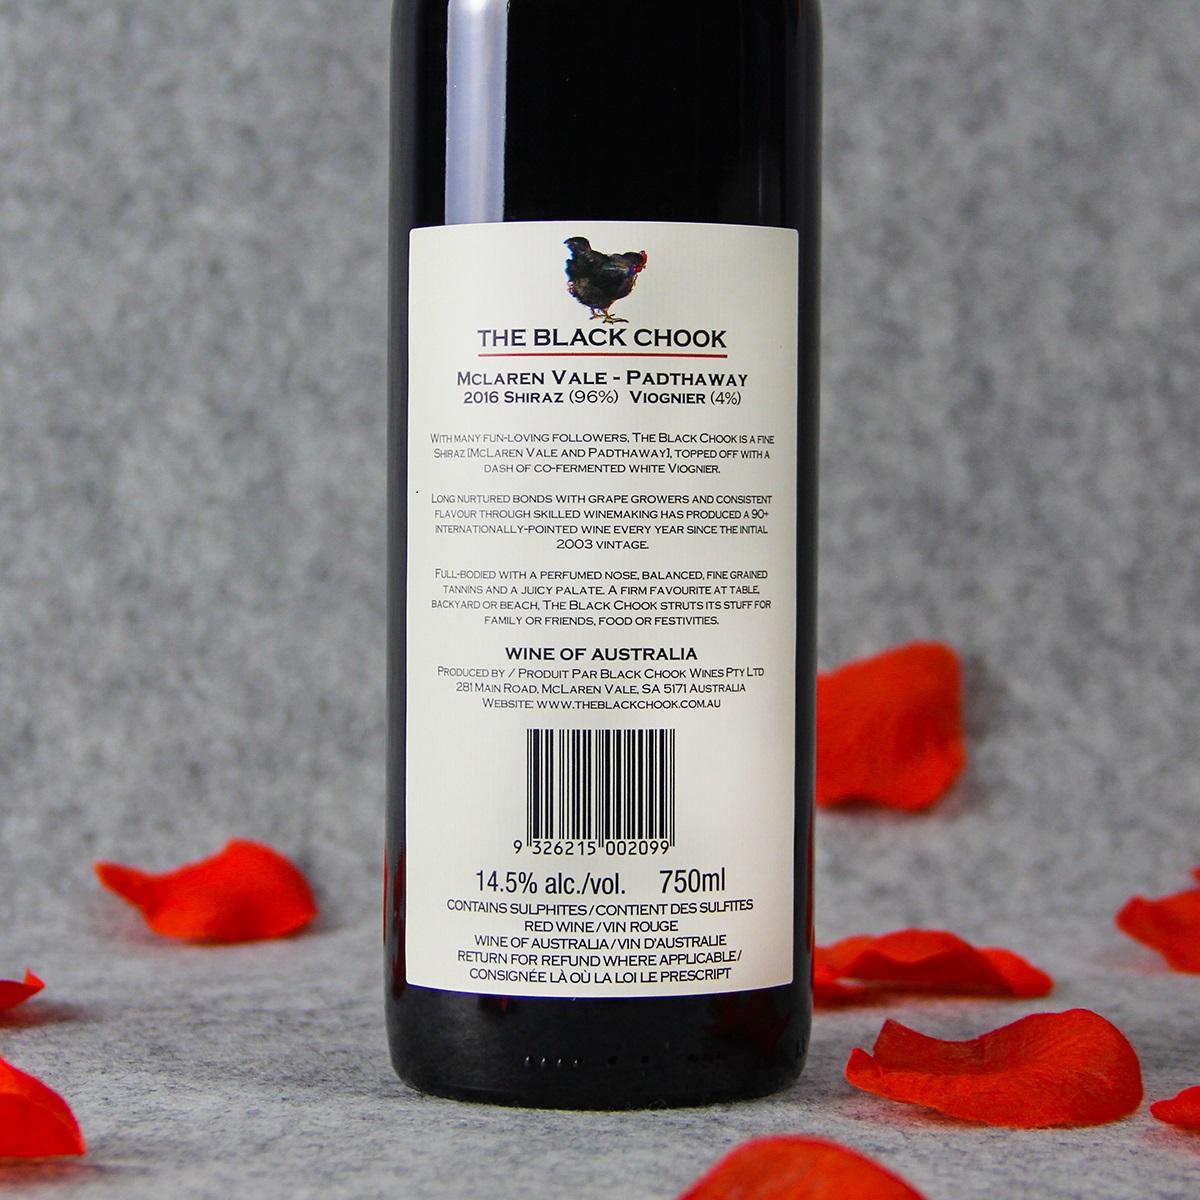 澳大利亚麦克劳伦谷潘尼斯山庄金鸡独立西拉维欧尼混酿干红葡萄酒